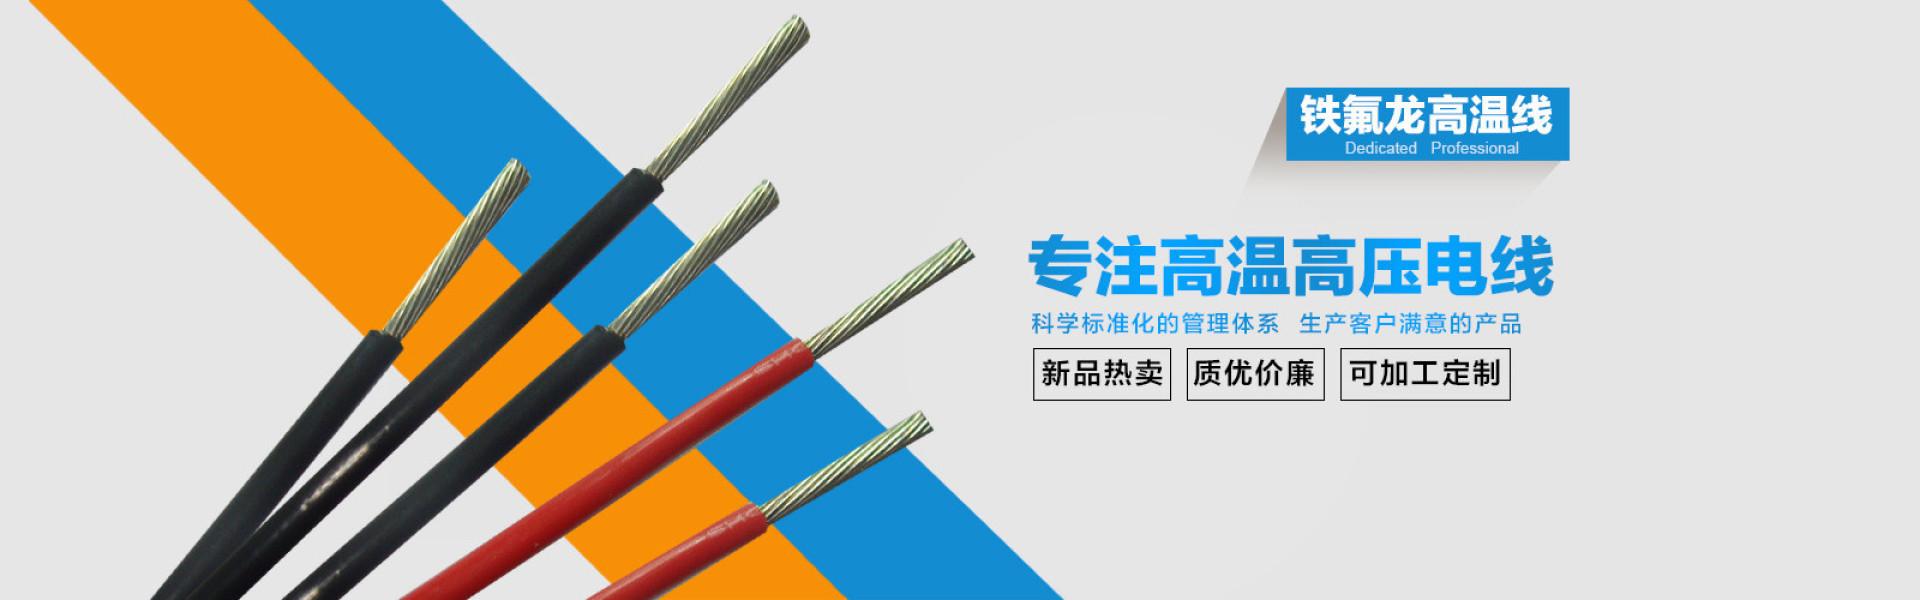 铁氟龙电线,铁氟龙多芯线,铁氟龙导线,铁氟龙高温线,东莞市依顿电子科技有限公司